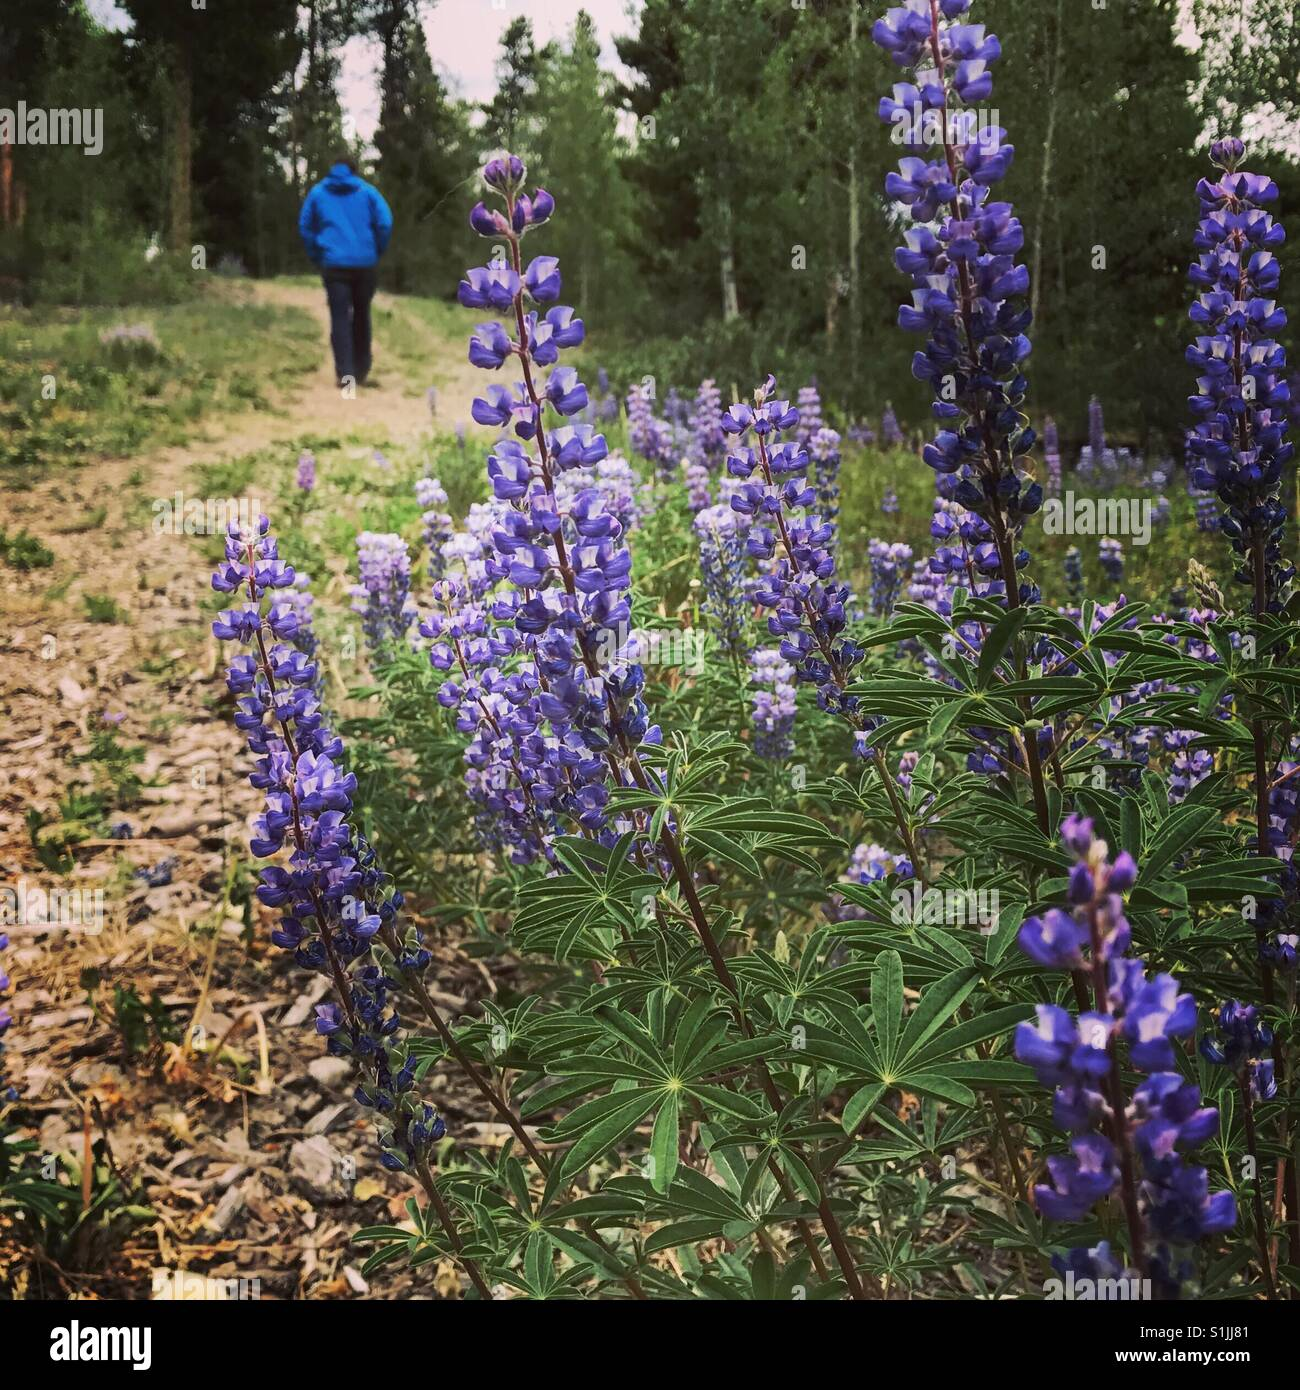 Walks, talks, and purple flowers - Stock Image